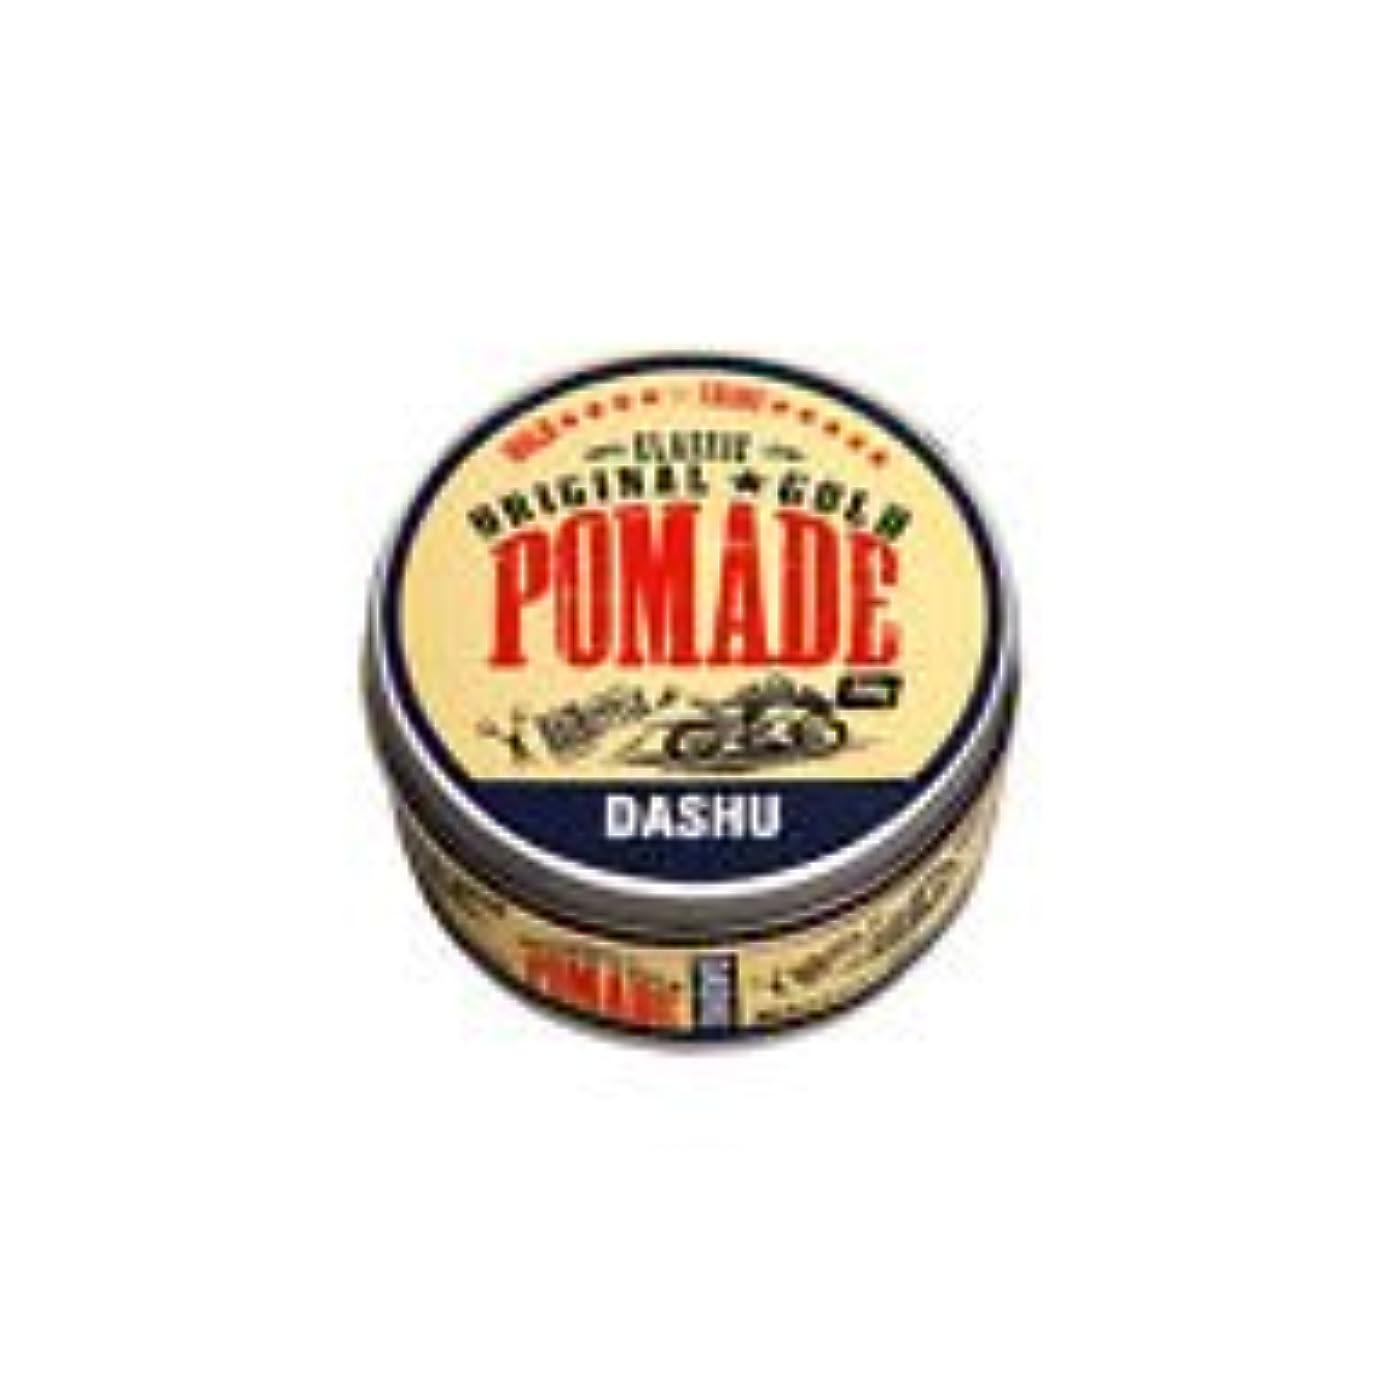 背景まどろみのある主婦[DASHU] ダシュ クラシックオリジナルゴールドポマードヘアワックス Classic Original Gold Pomade Hair Wax 100ml / 韓国製 . 韓国直送品